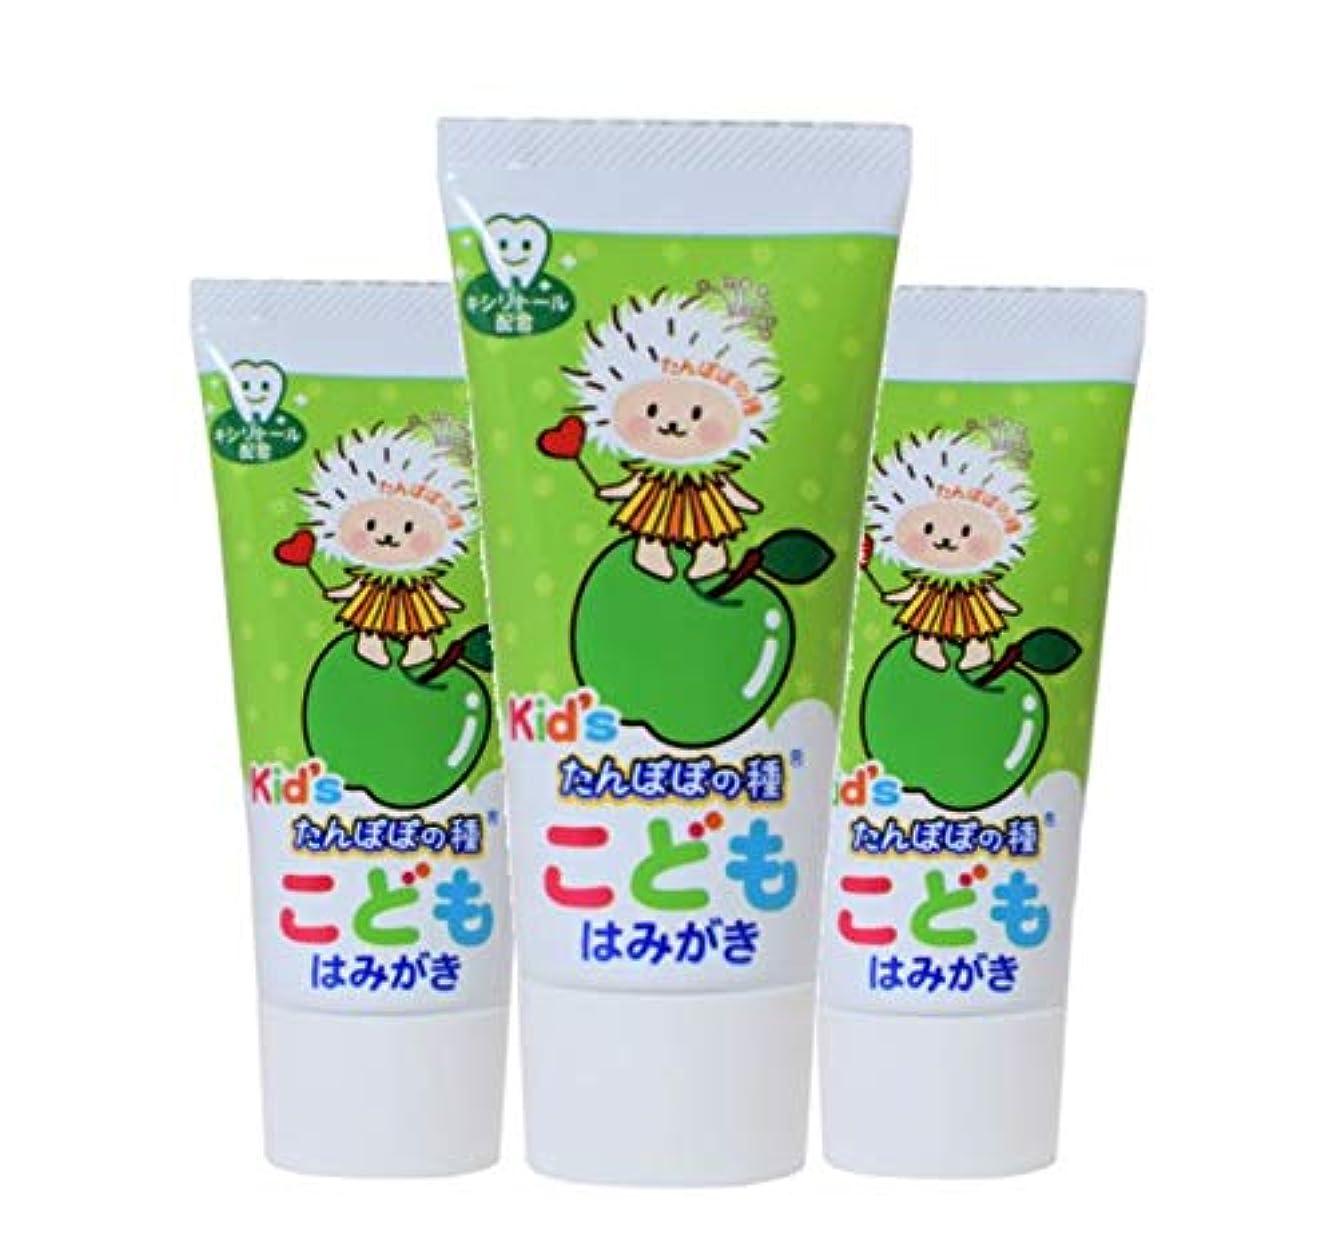 劣る世紀行うたんぽぽの種 こどもはみがき 子供用歯磨き粉 こども用歯磨き粉 子供用ハミガキ (3本)